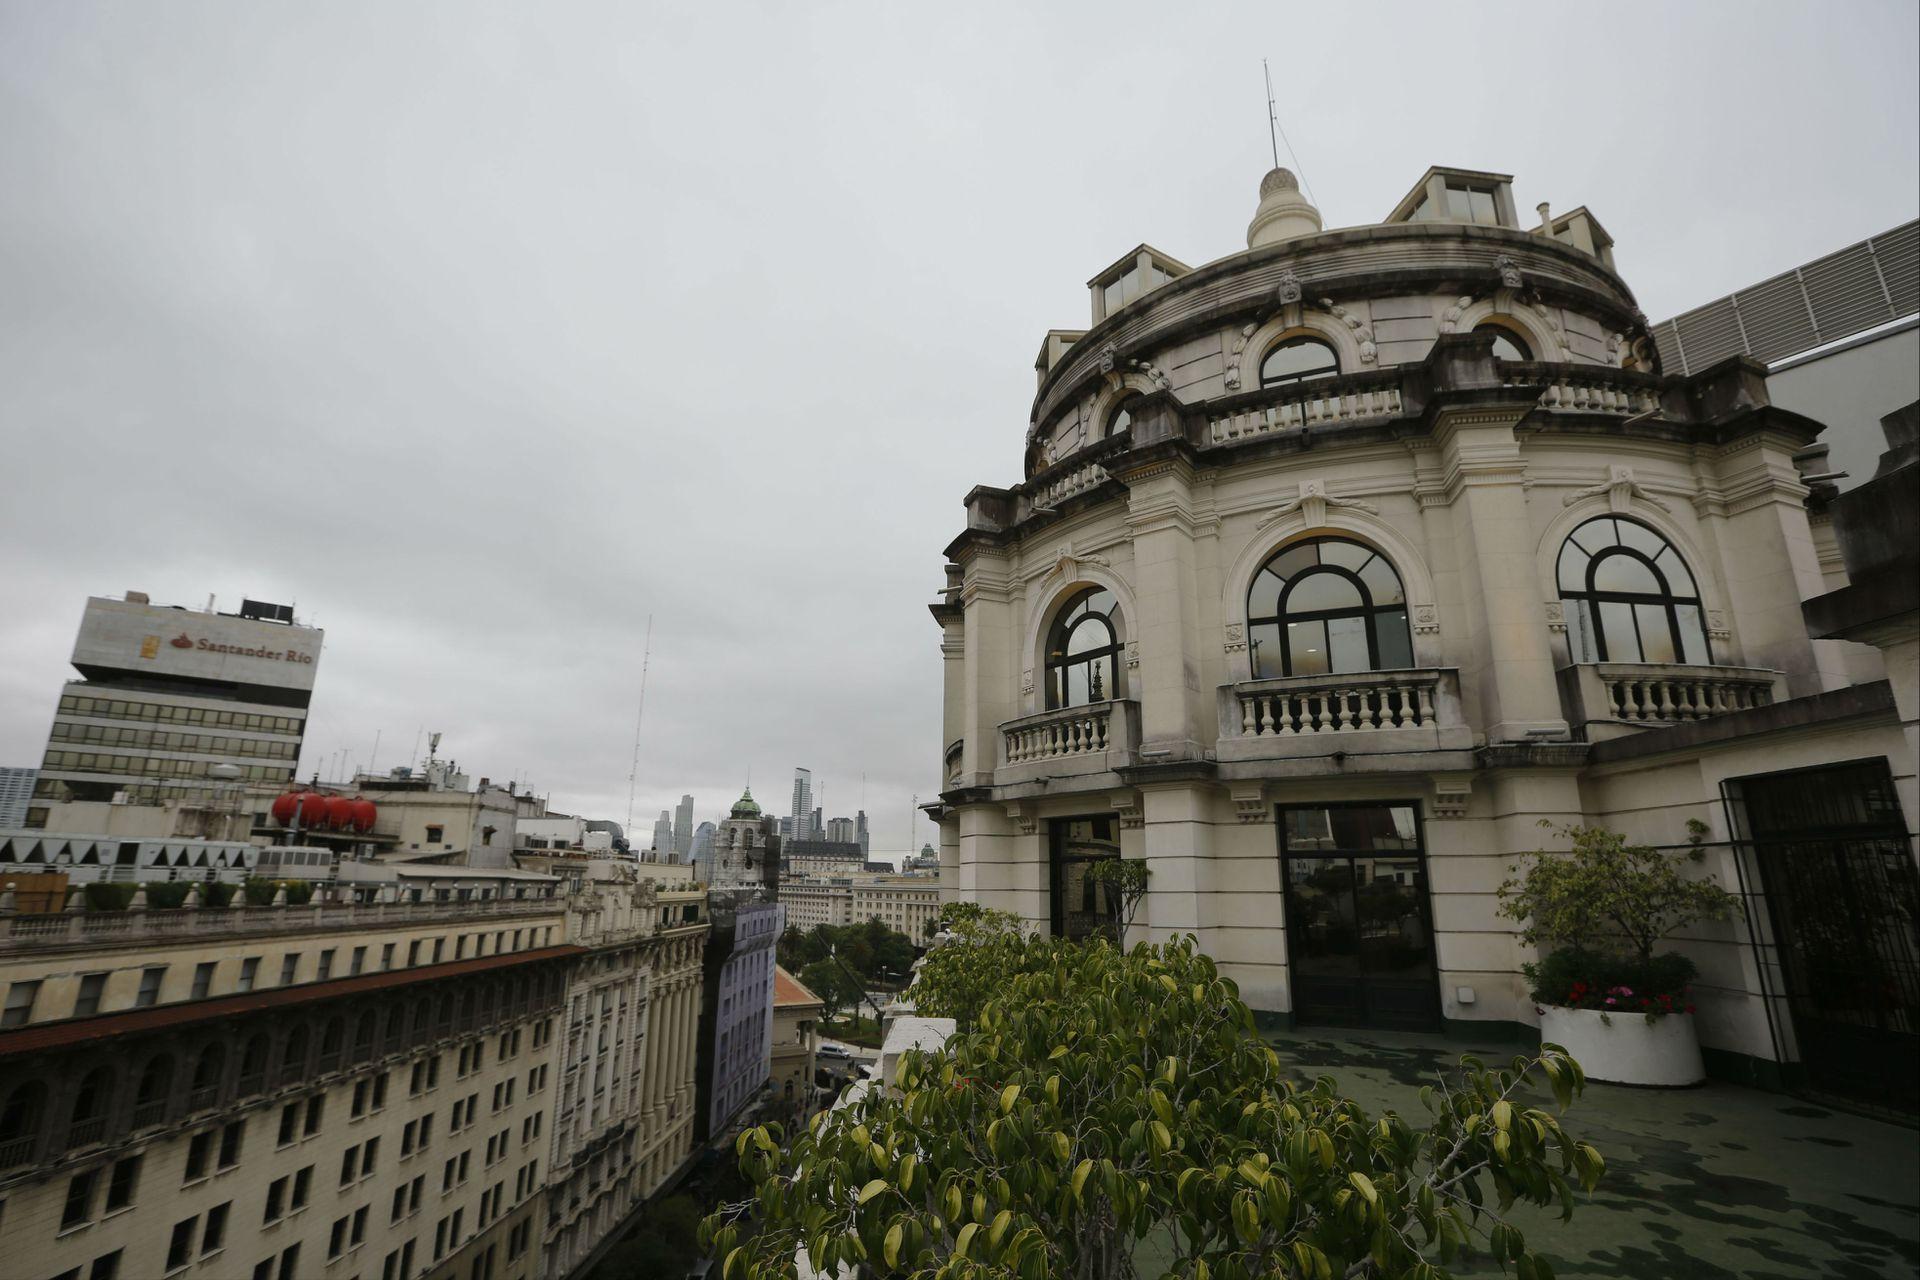 La cúpula del edificio Miguel Bencich